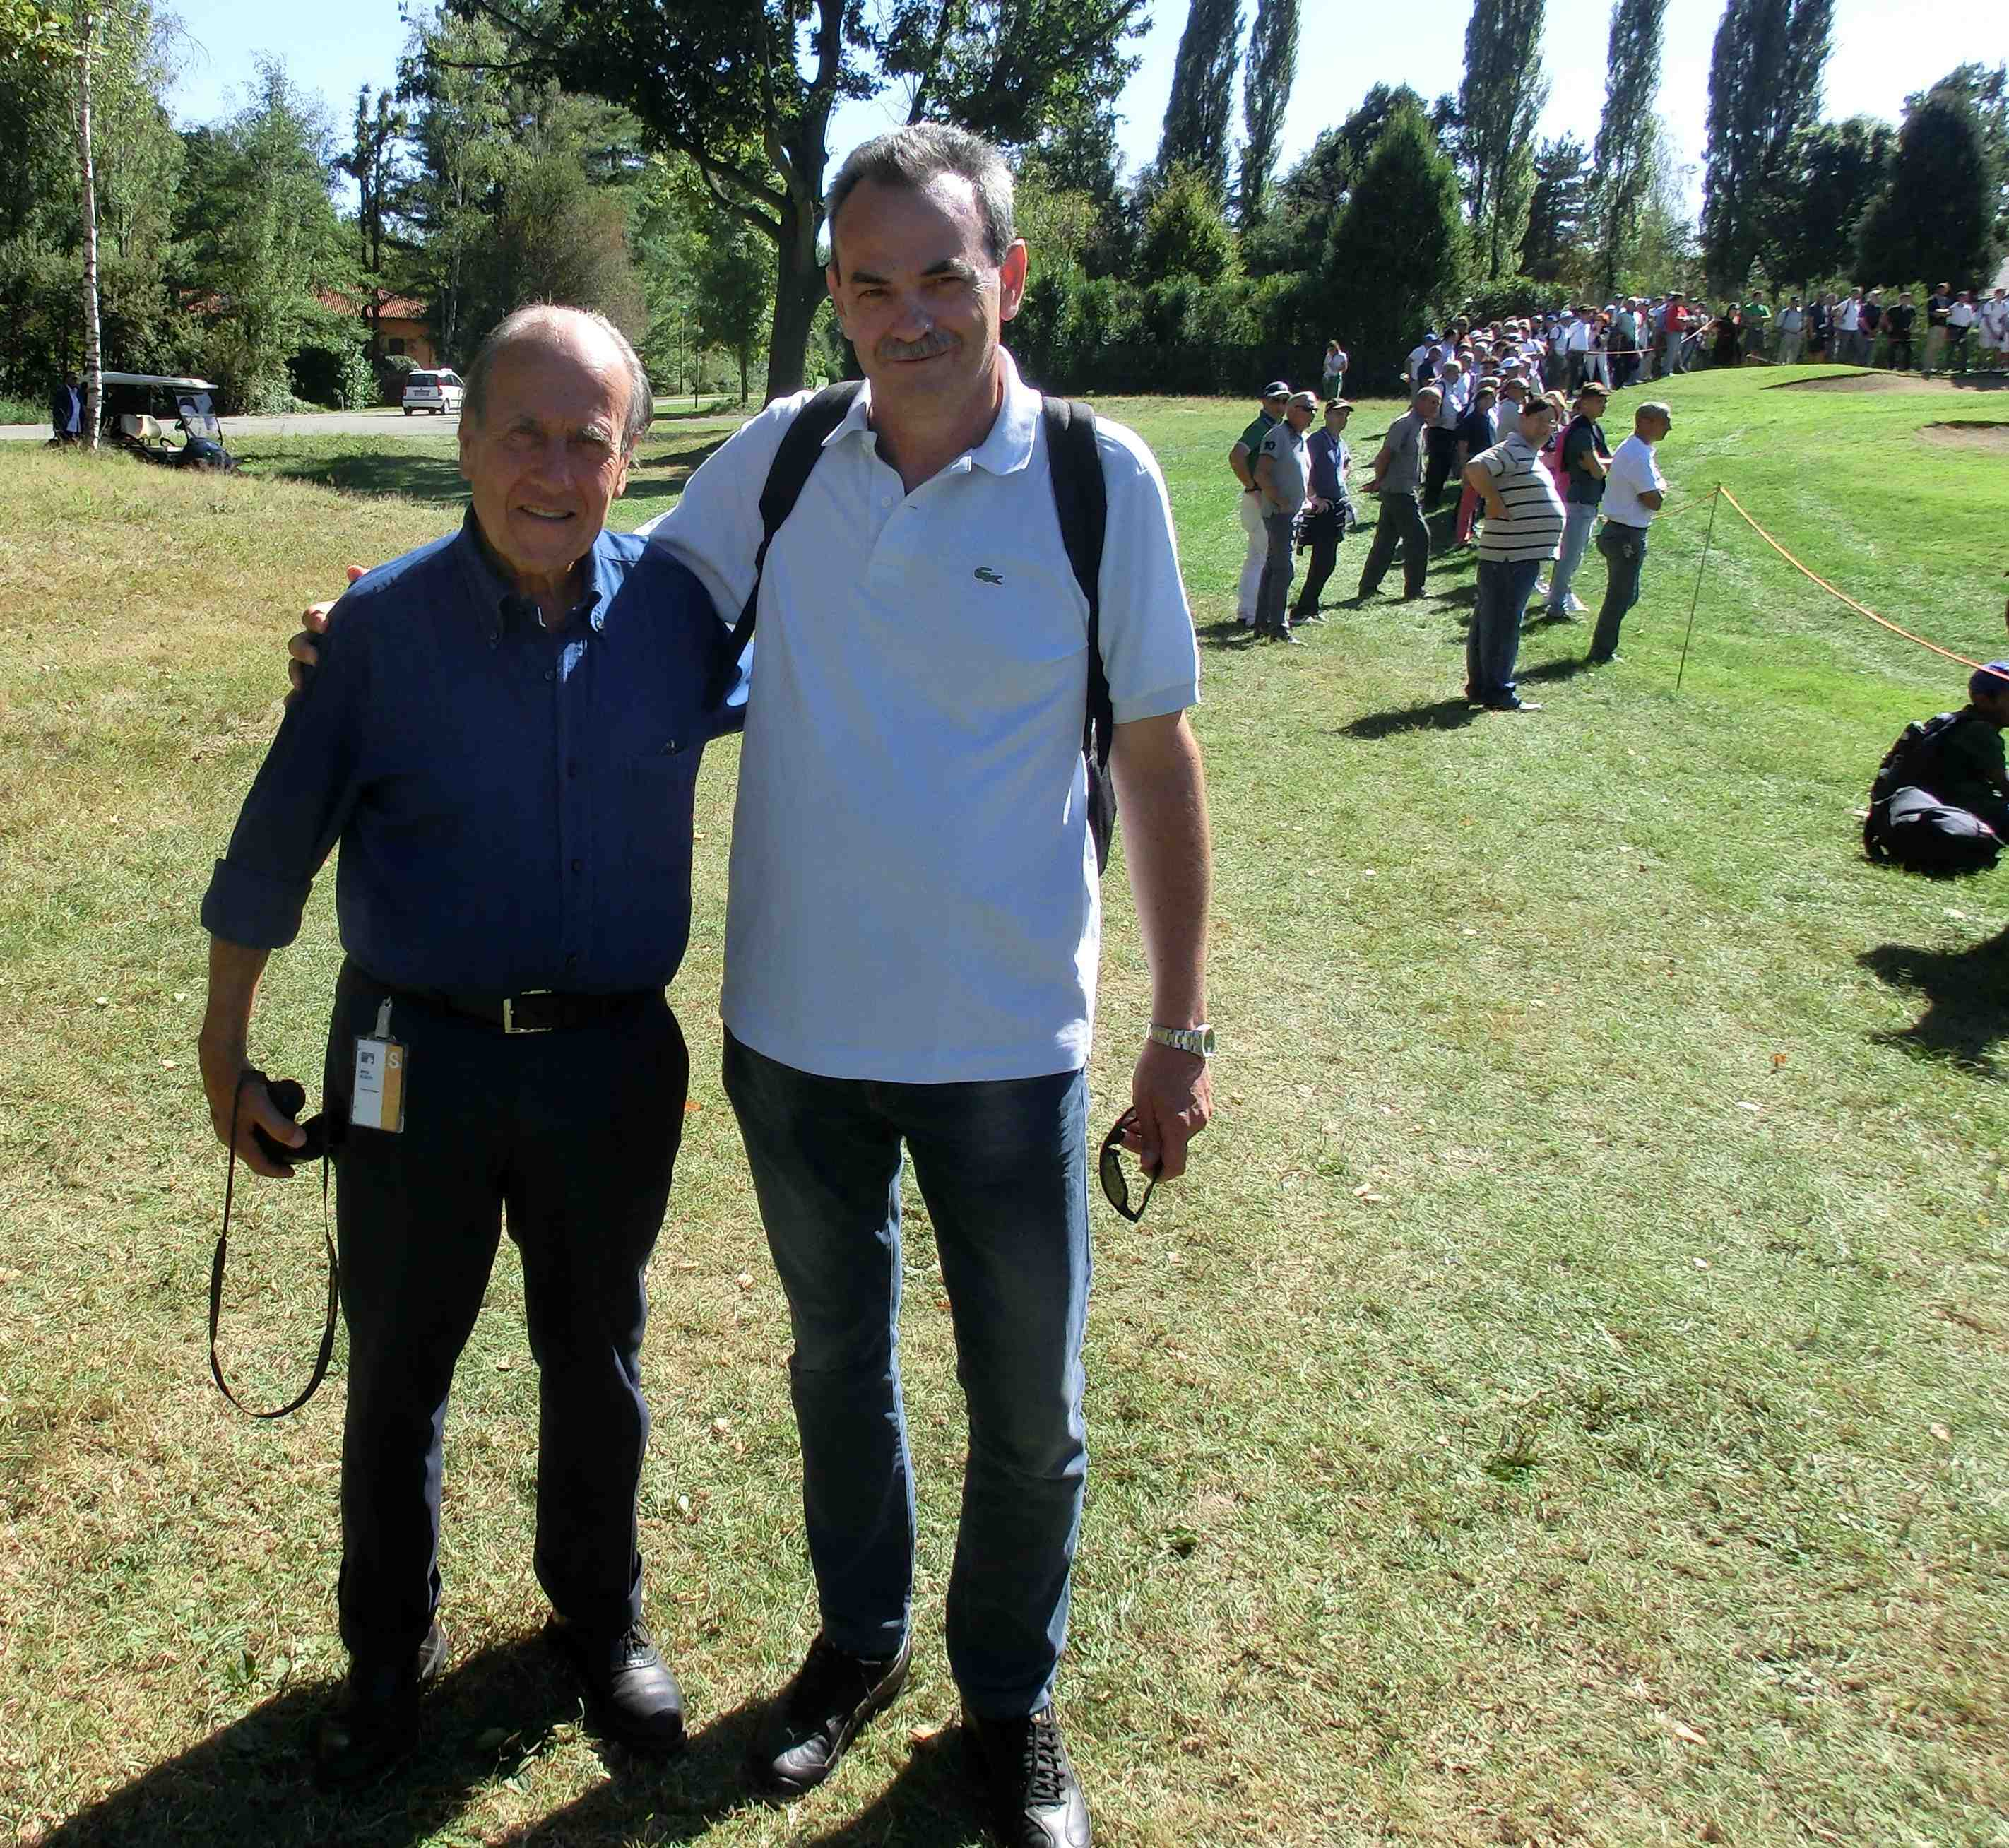 Con Franco Chimenti, Presidente della Federazione Italiana Golf, durante il BMW Open d'Italia 2012 al Royal Park I Roveri di Fiano Torinese - Settembre 2012